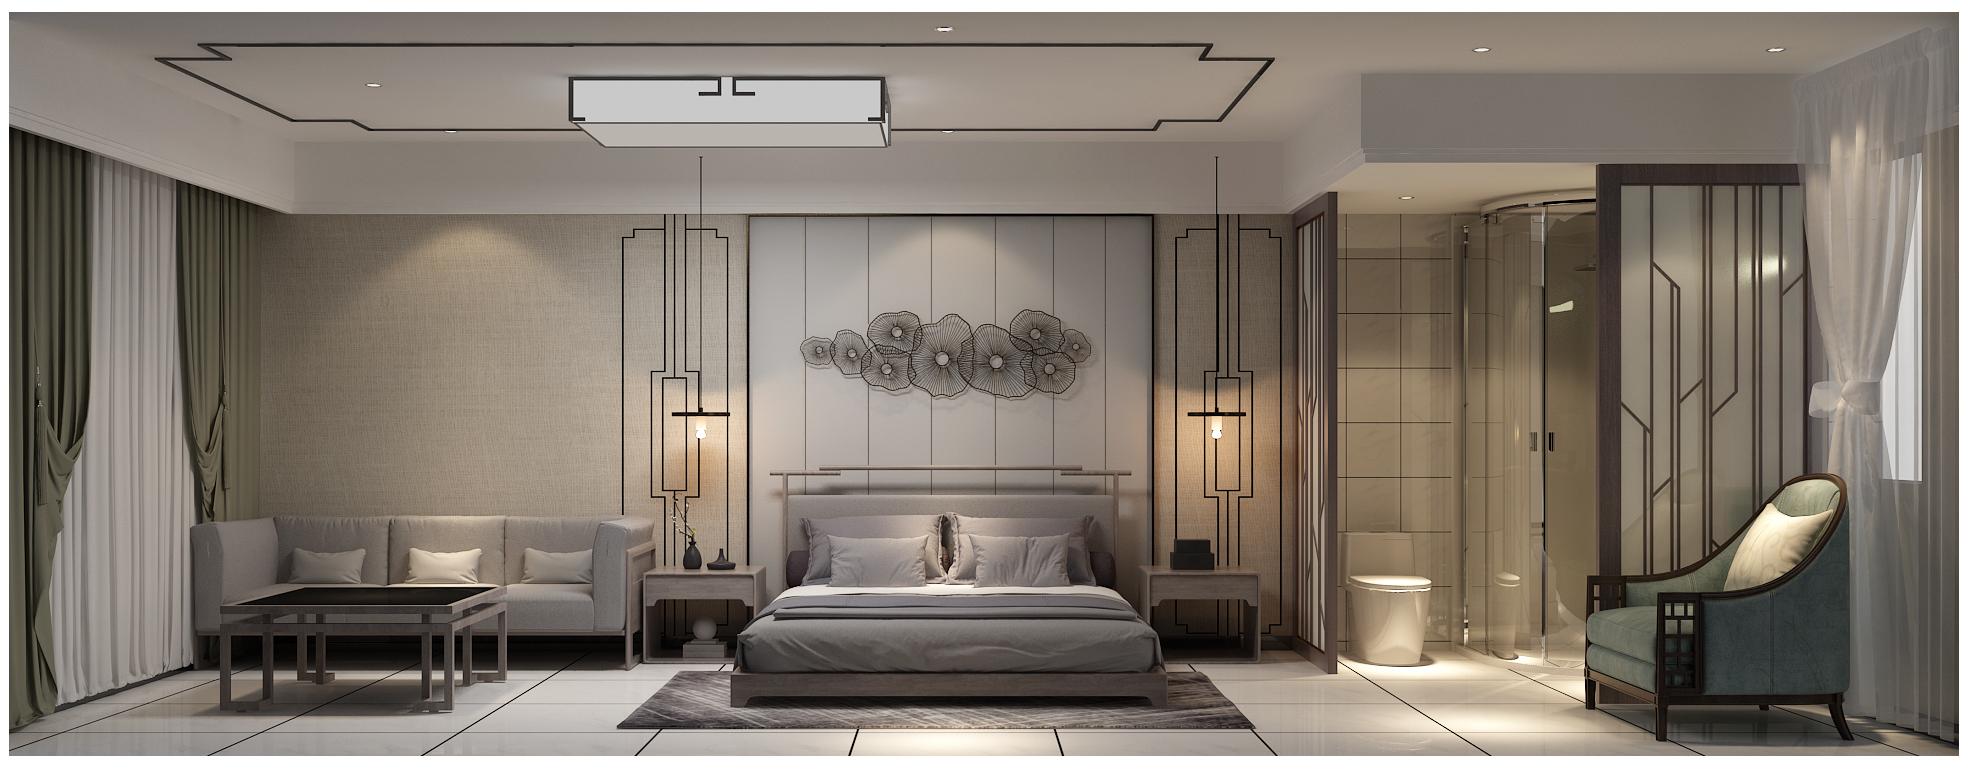 郑州酒店设计师讲解酒店能耗的基础算法